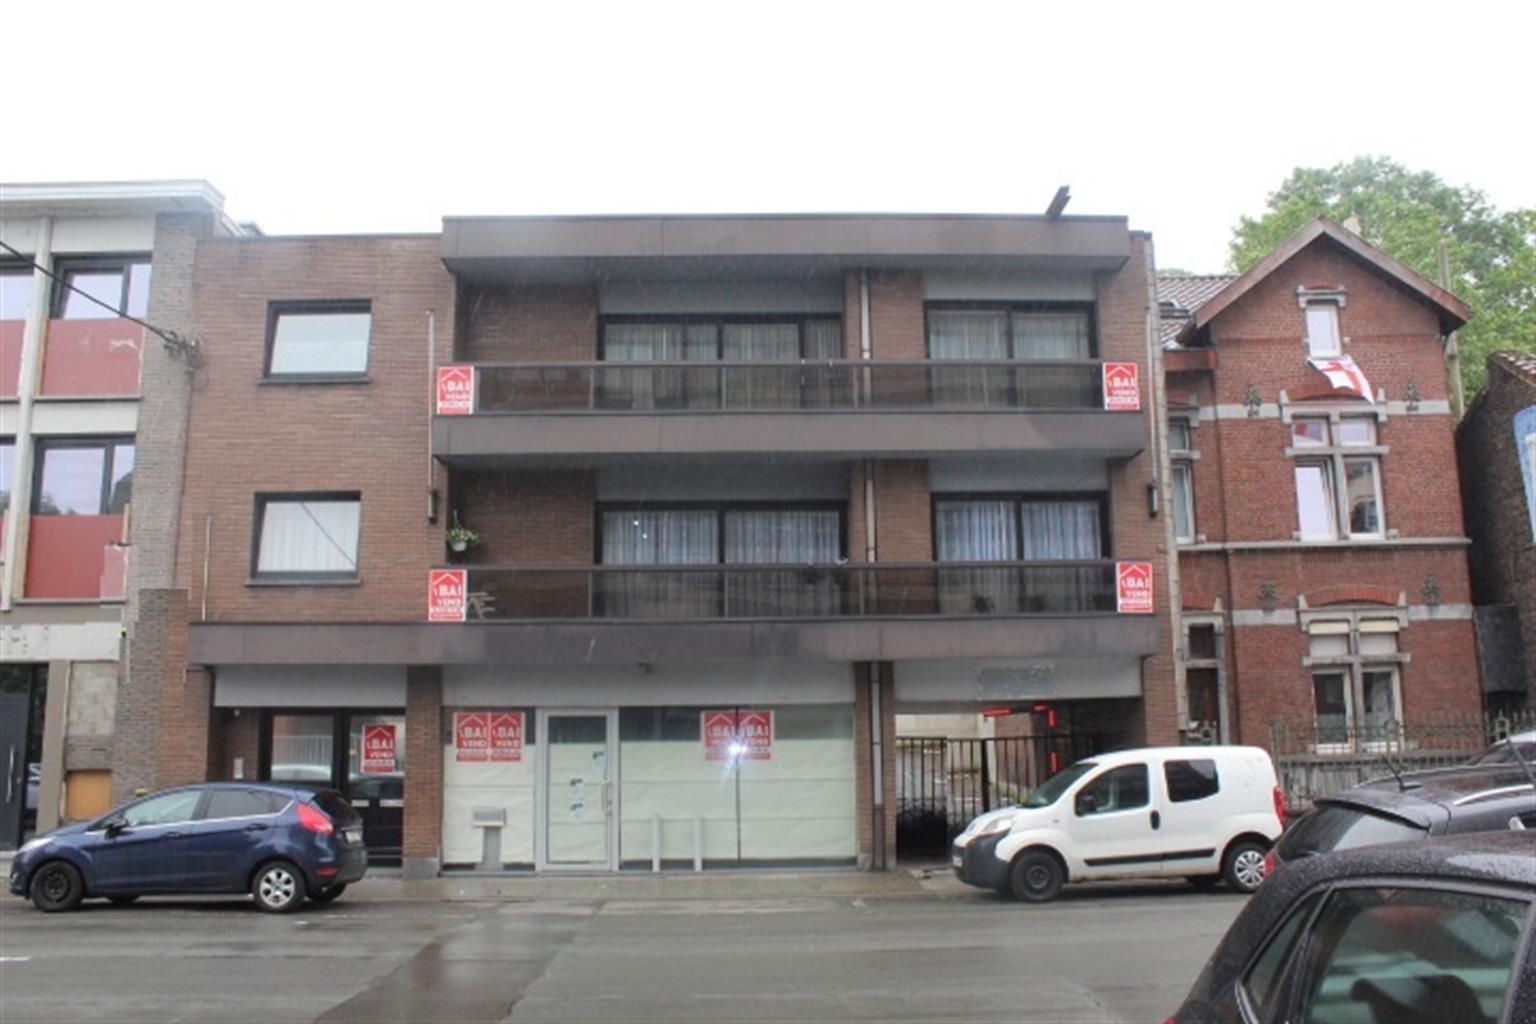 Immeuble à usage multiple - Jupille sur Meuse - #4380831-0